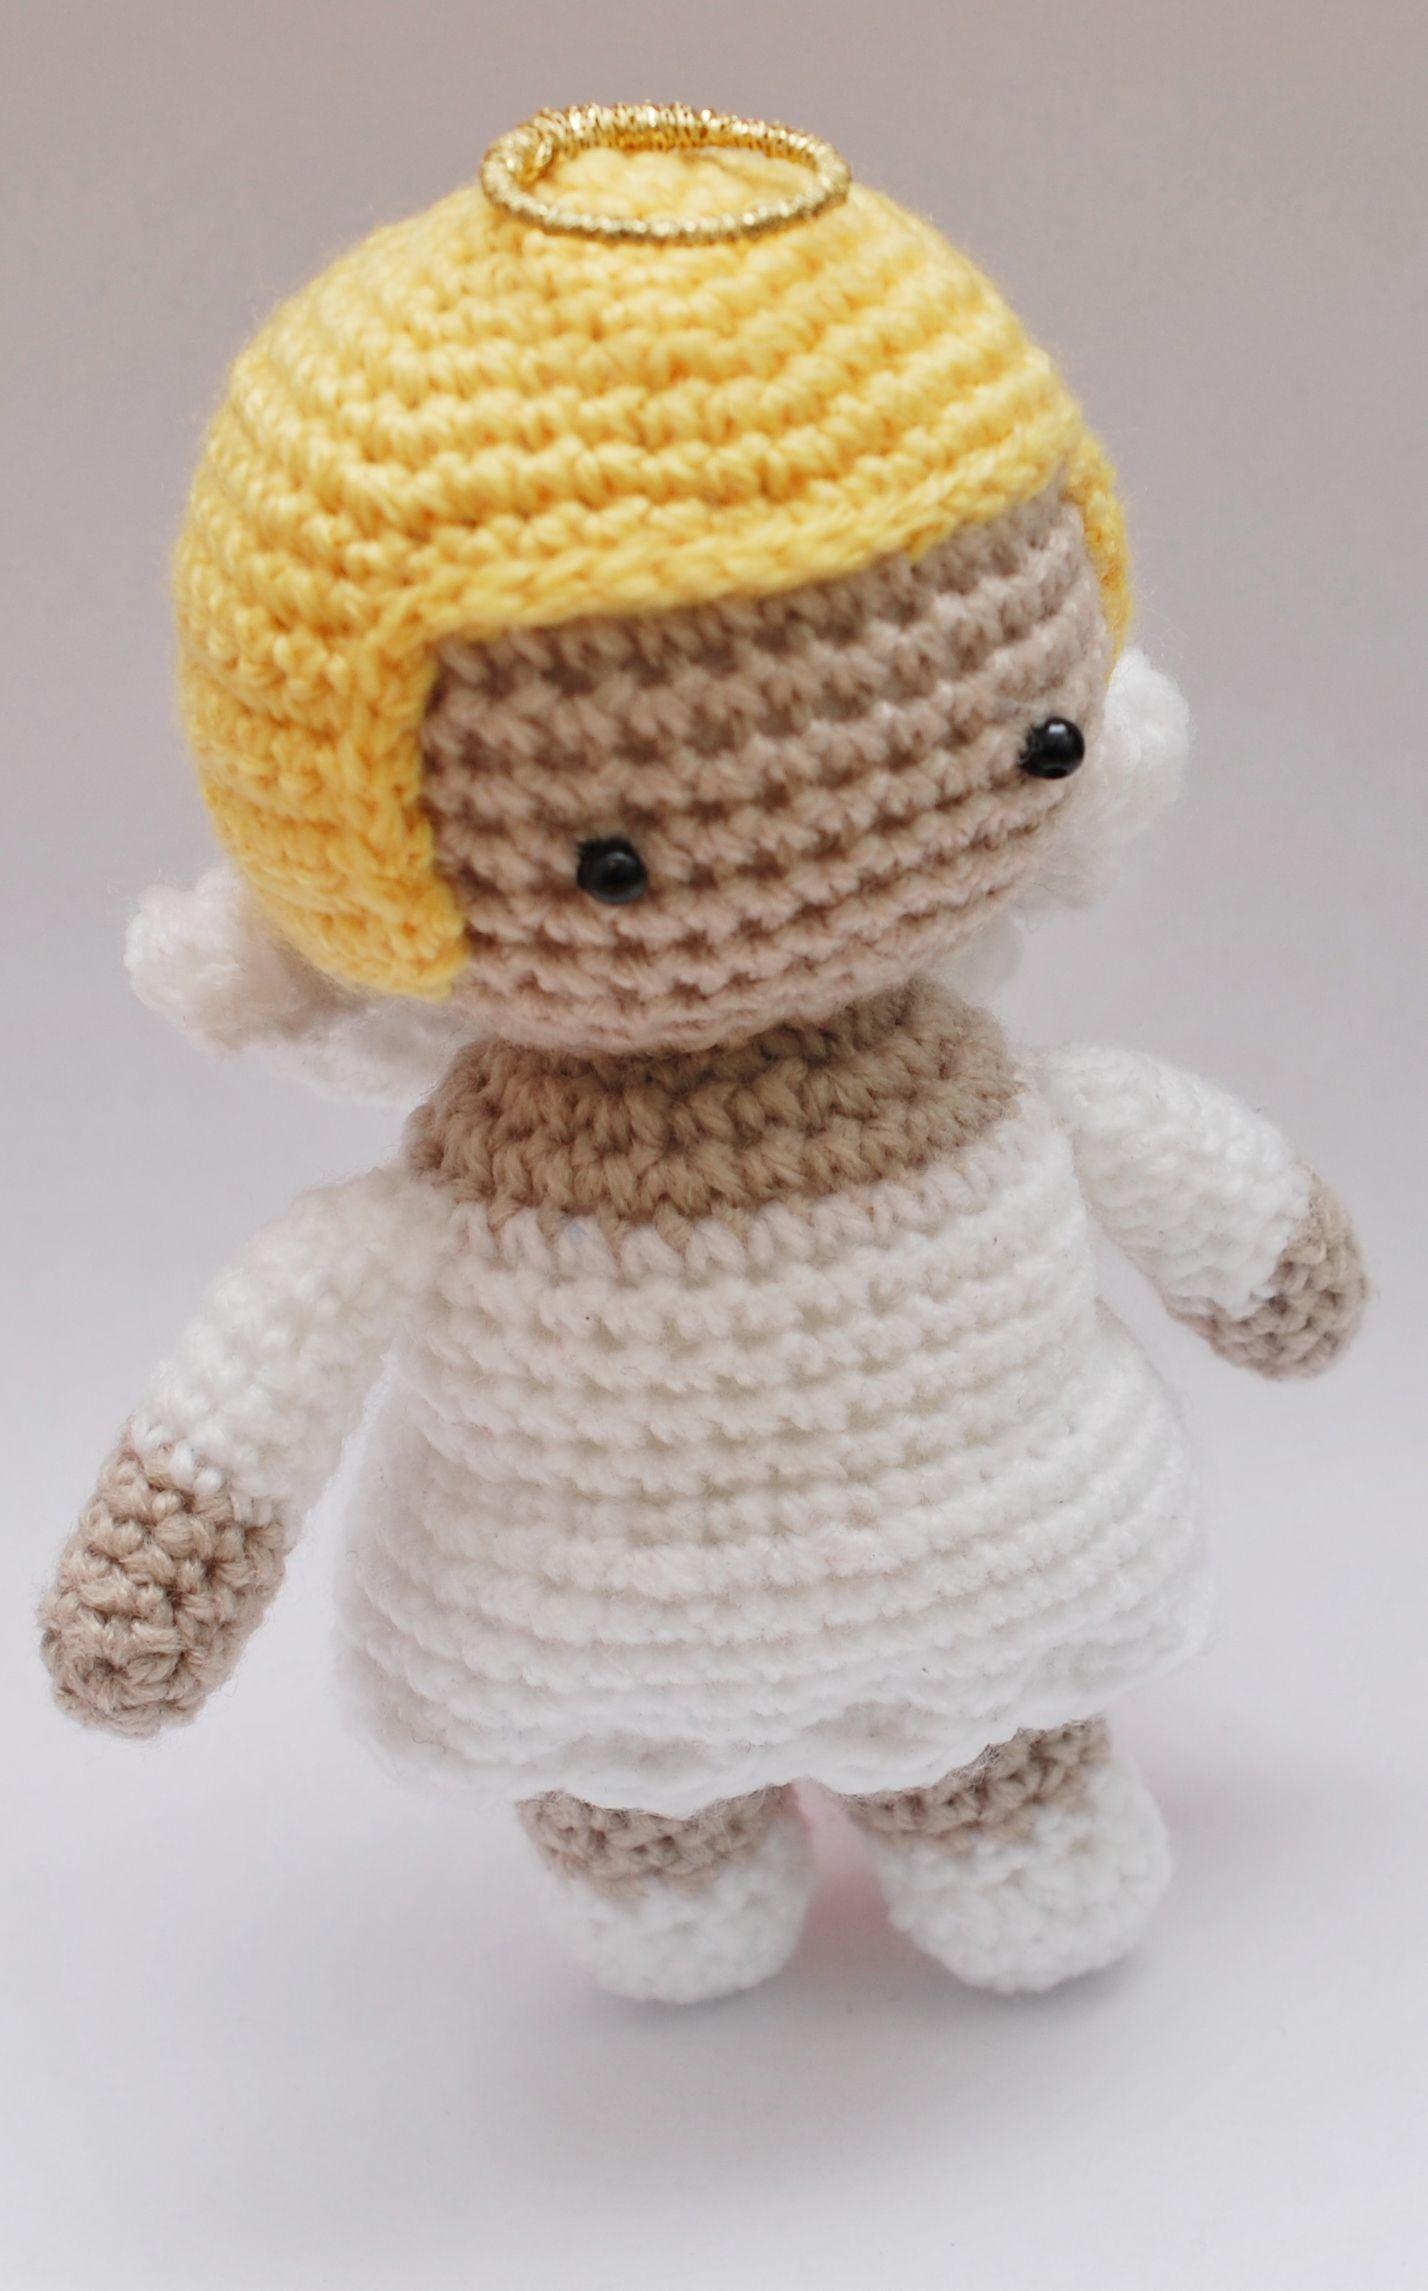 amigurumi a crochet Angel, en virkad ängel